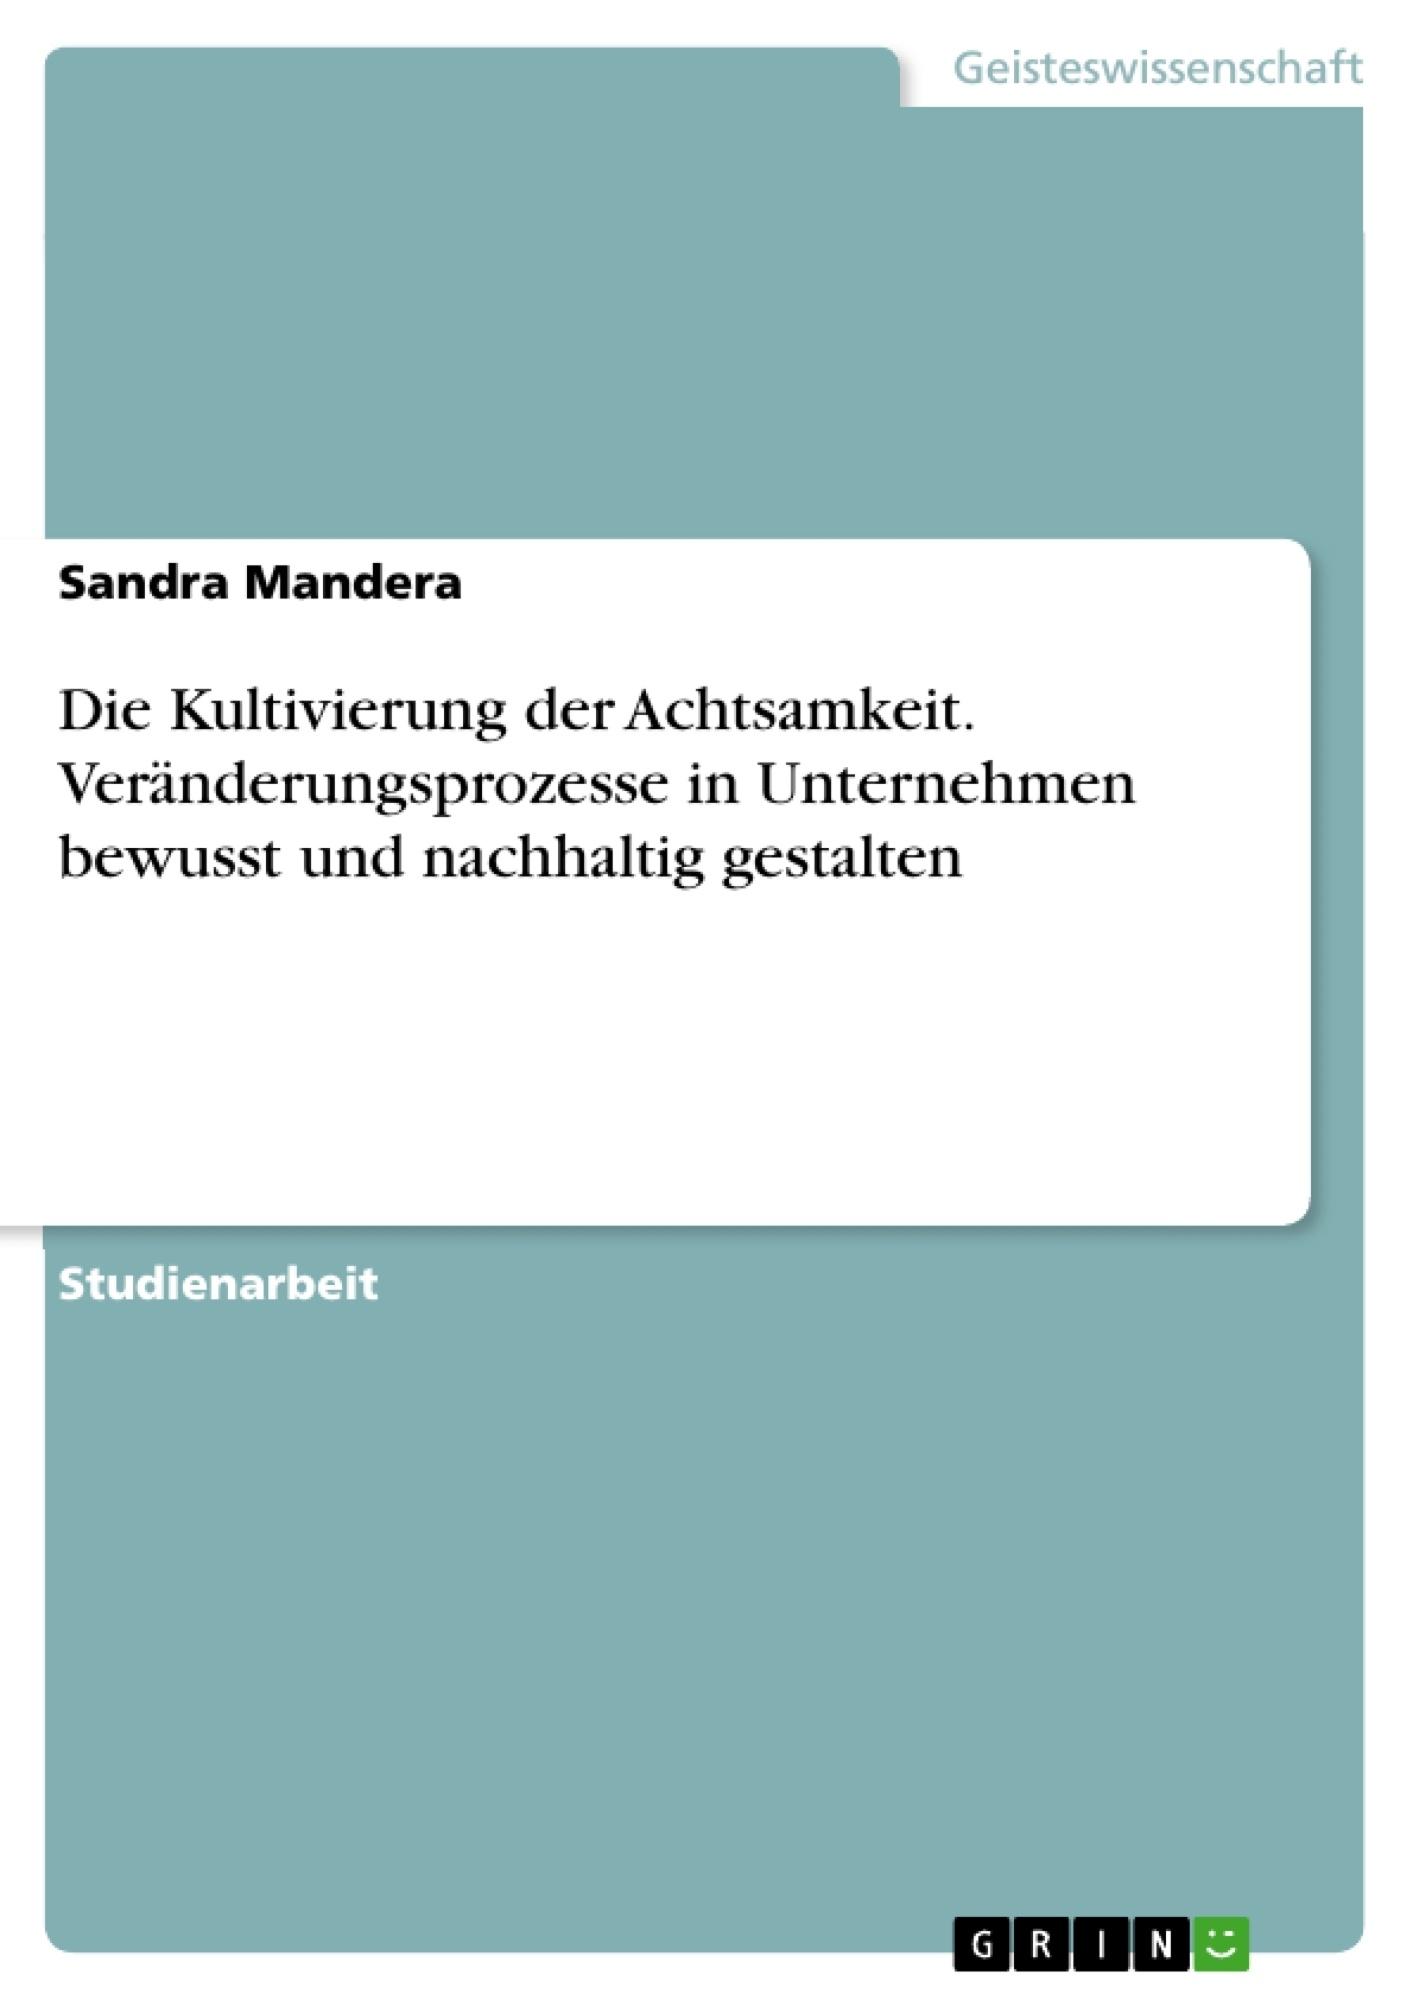 Titel: Die Kultivierung der Achtsamkeit. Veränderungsprozesse in Unternehmen bewusst und nachhaltig gestalten